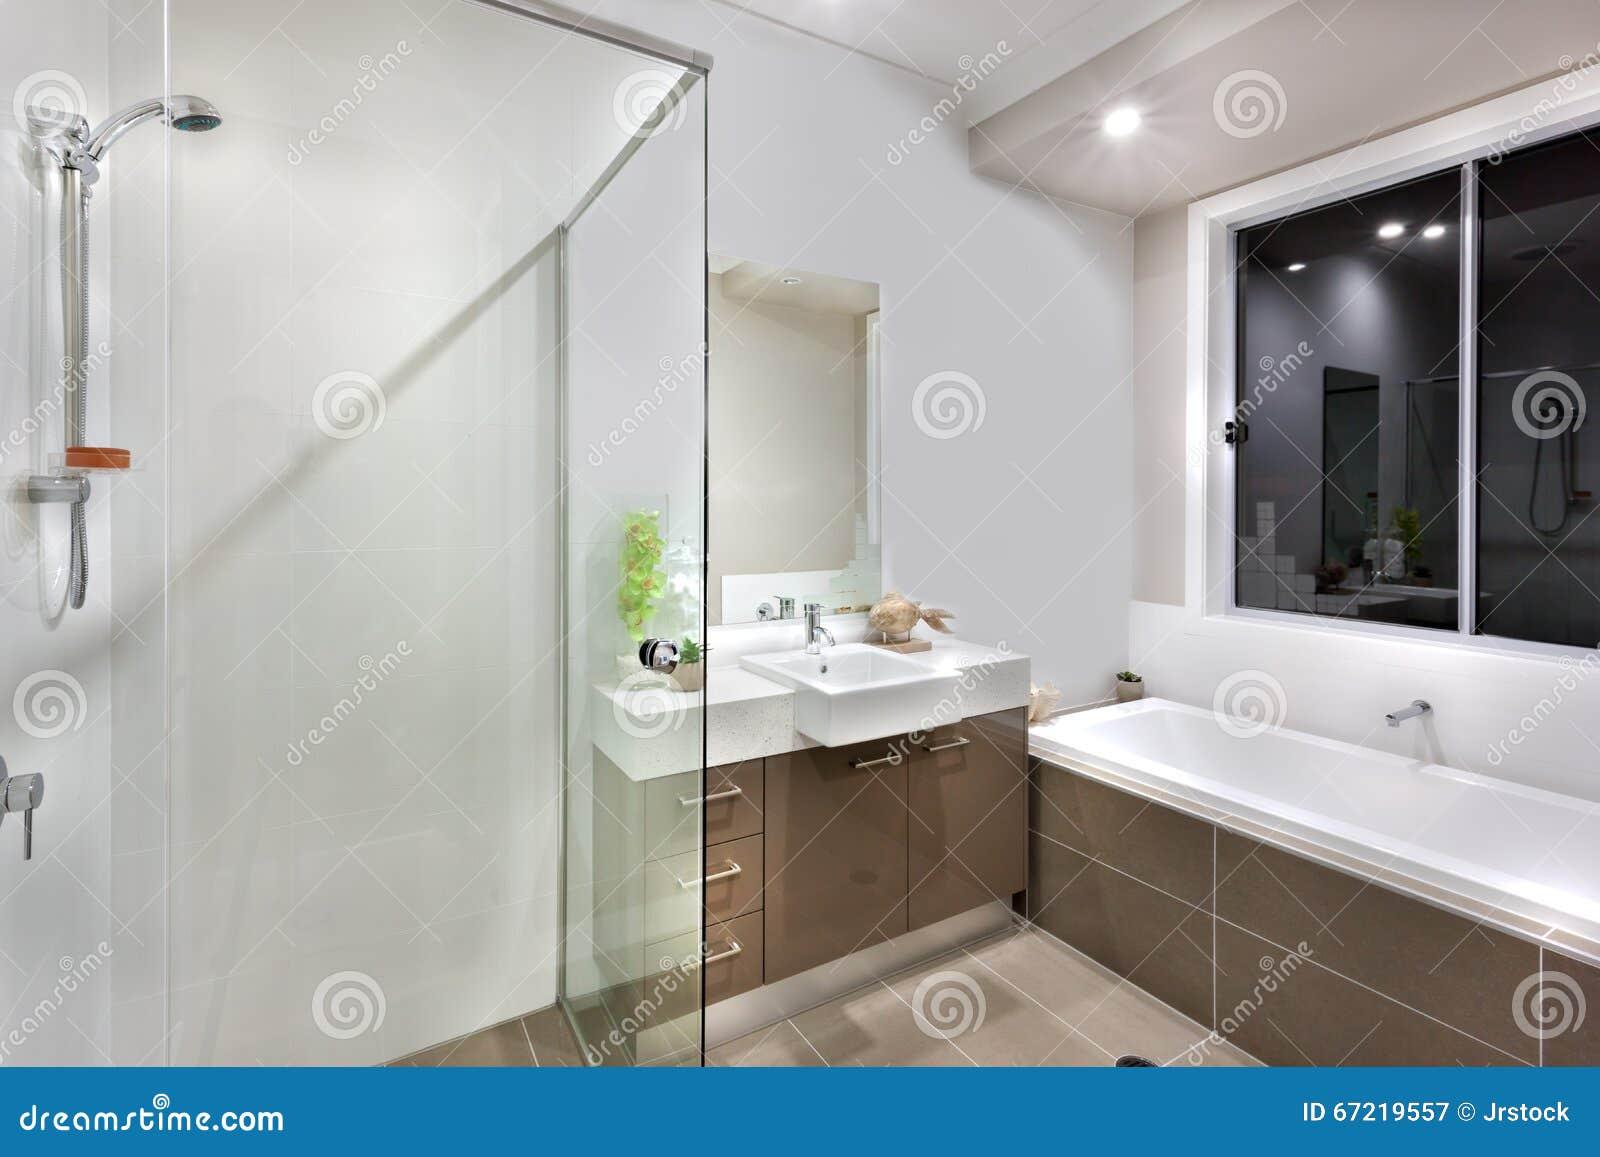 Salle D Eau Blanche Et Bois nouvelle salle de bains avec le secteur de lavage, y compris